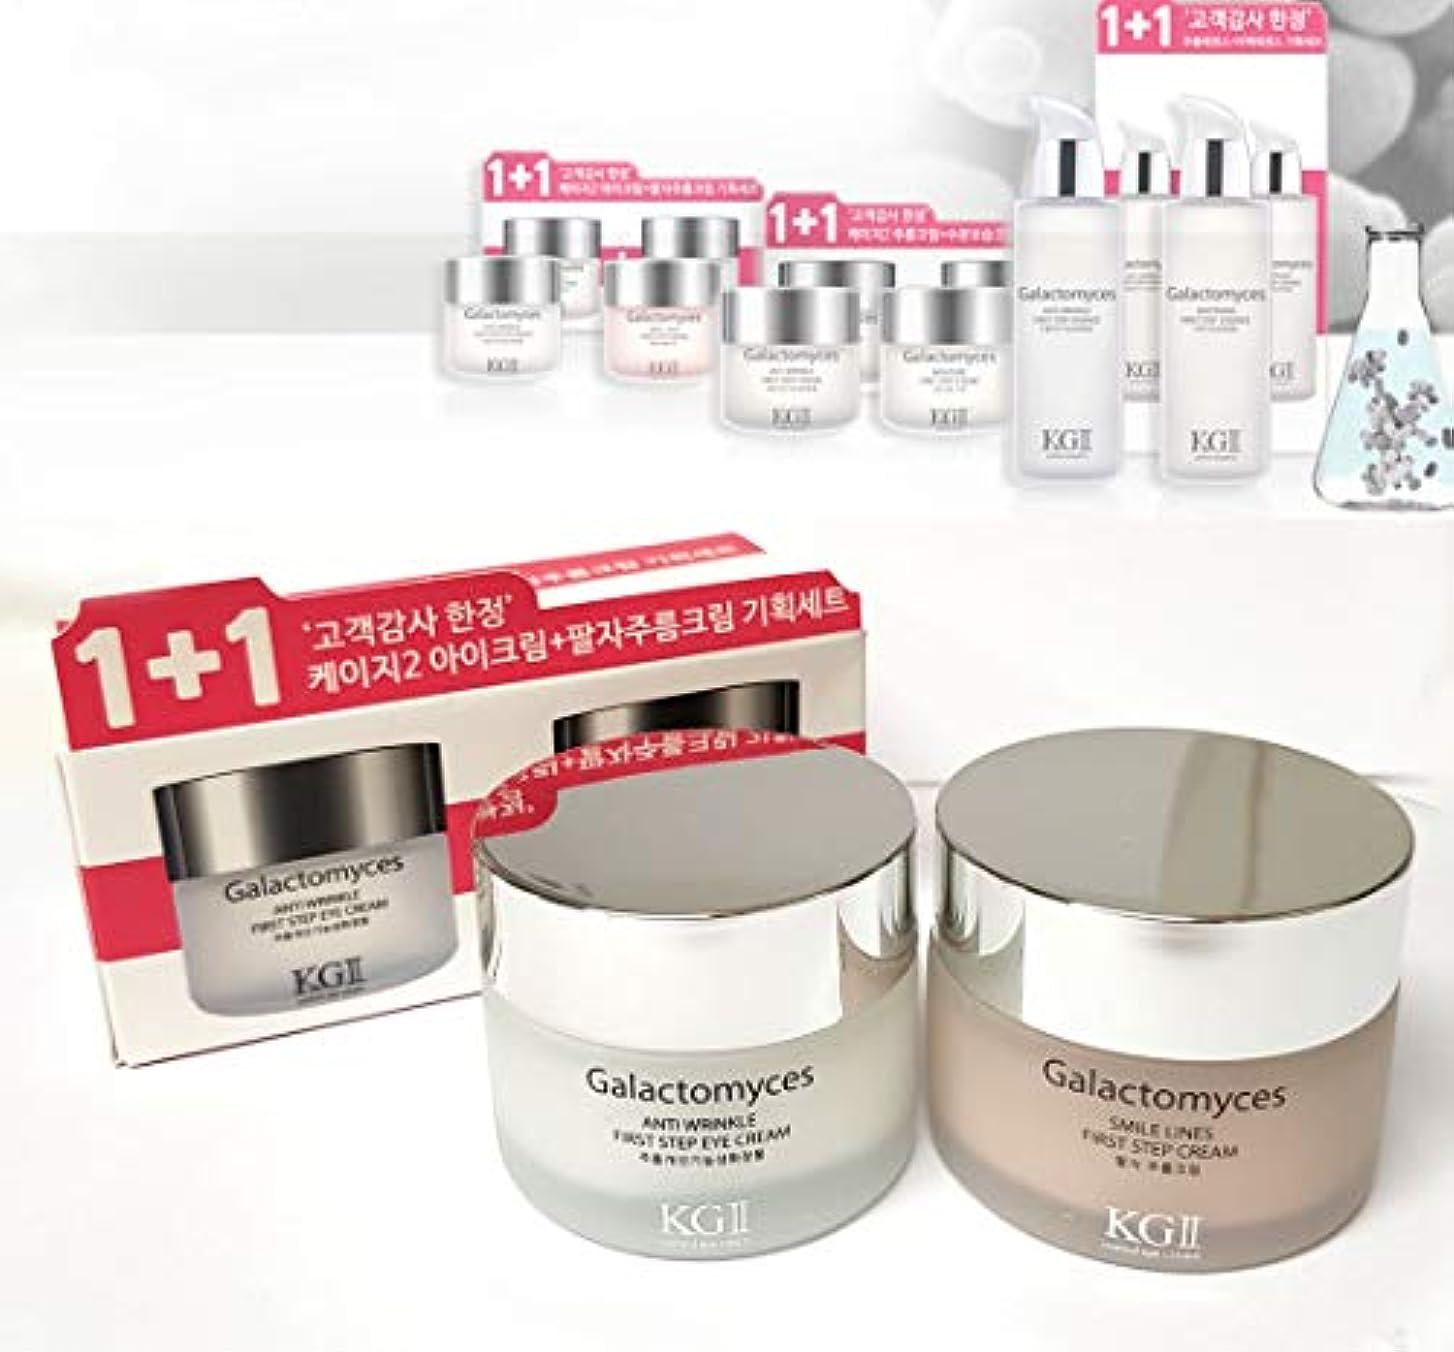 発見するリゾート市場[KG2] ガラクトミセスファーストステップアイクリーム30ml +スマイルラインズクリーム30mlセット / Galactomyces First Step Eye Cream 30ml + Smile Lines Cream...